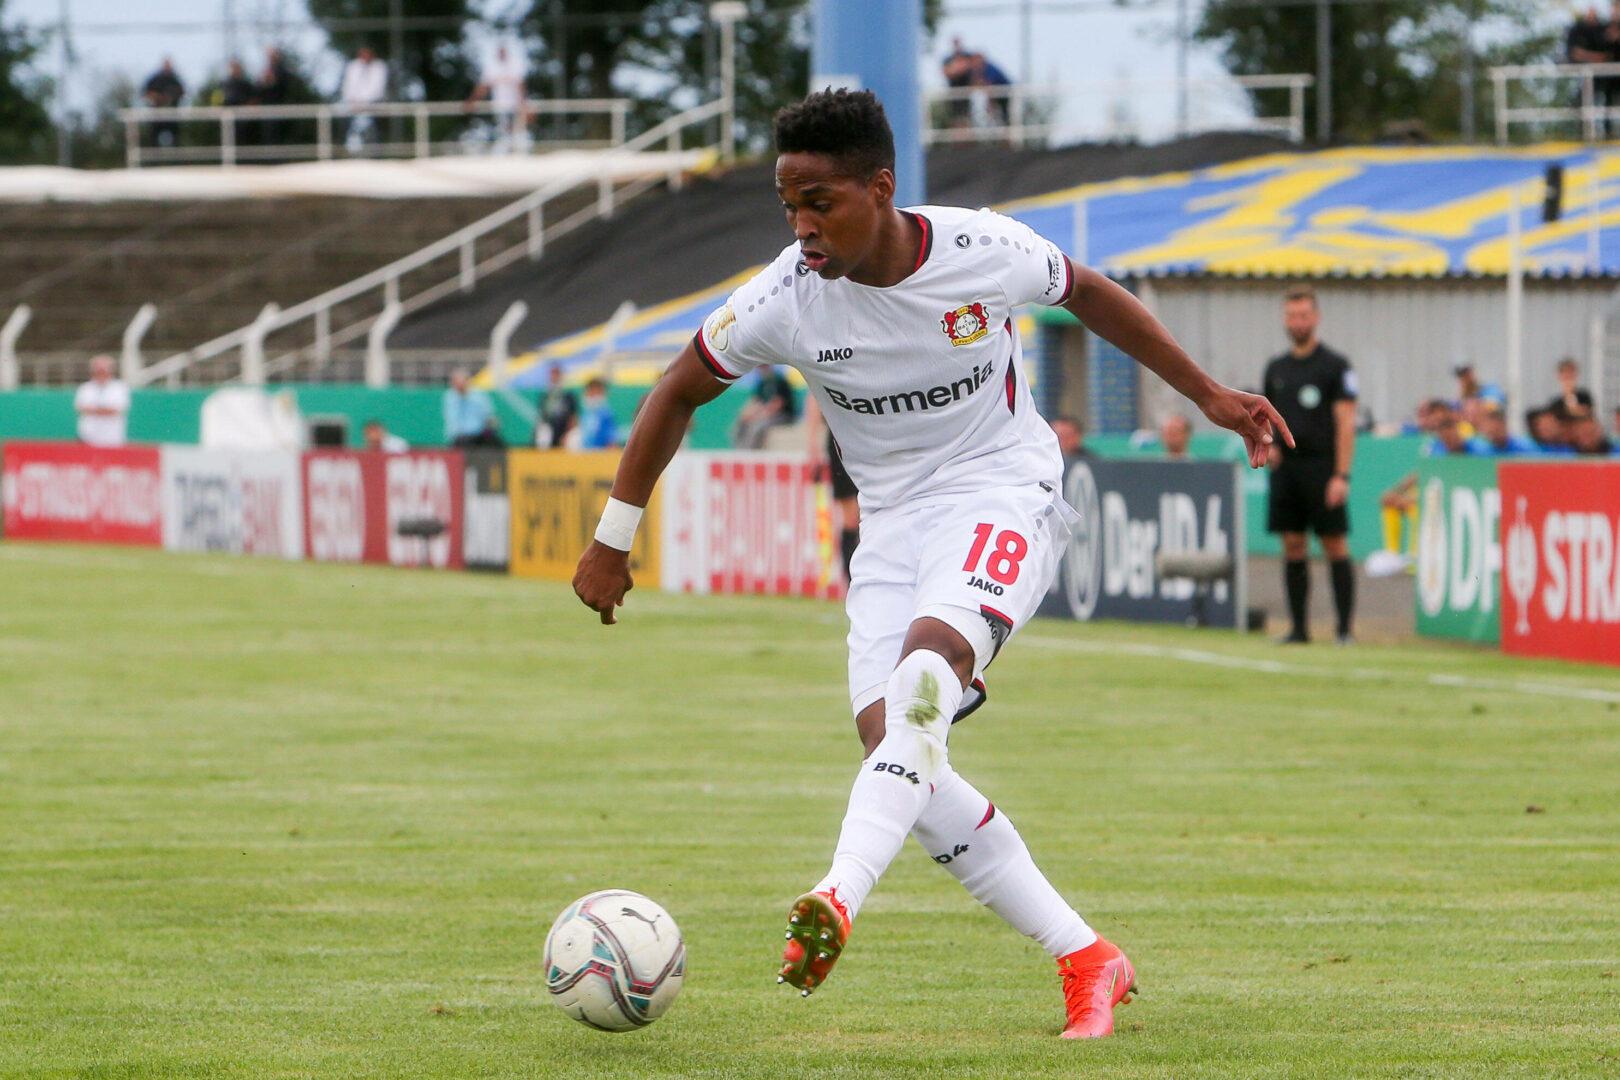 Wendell lief insgesamt 250 Mal im Trikot von Bayer Leverkusen auf